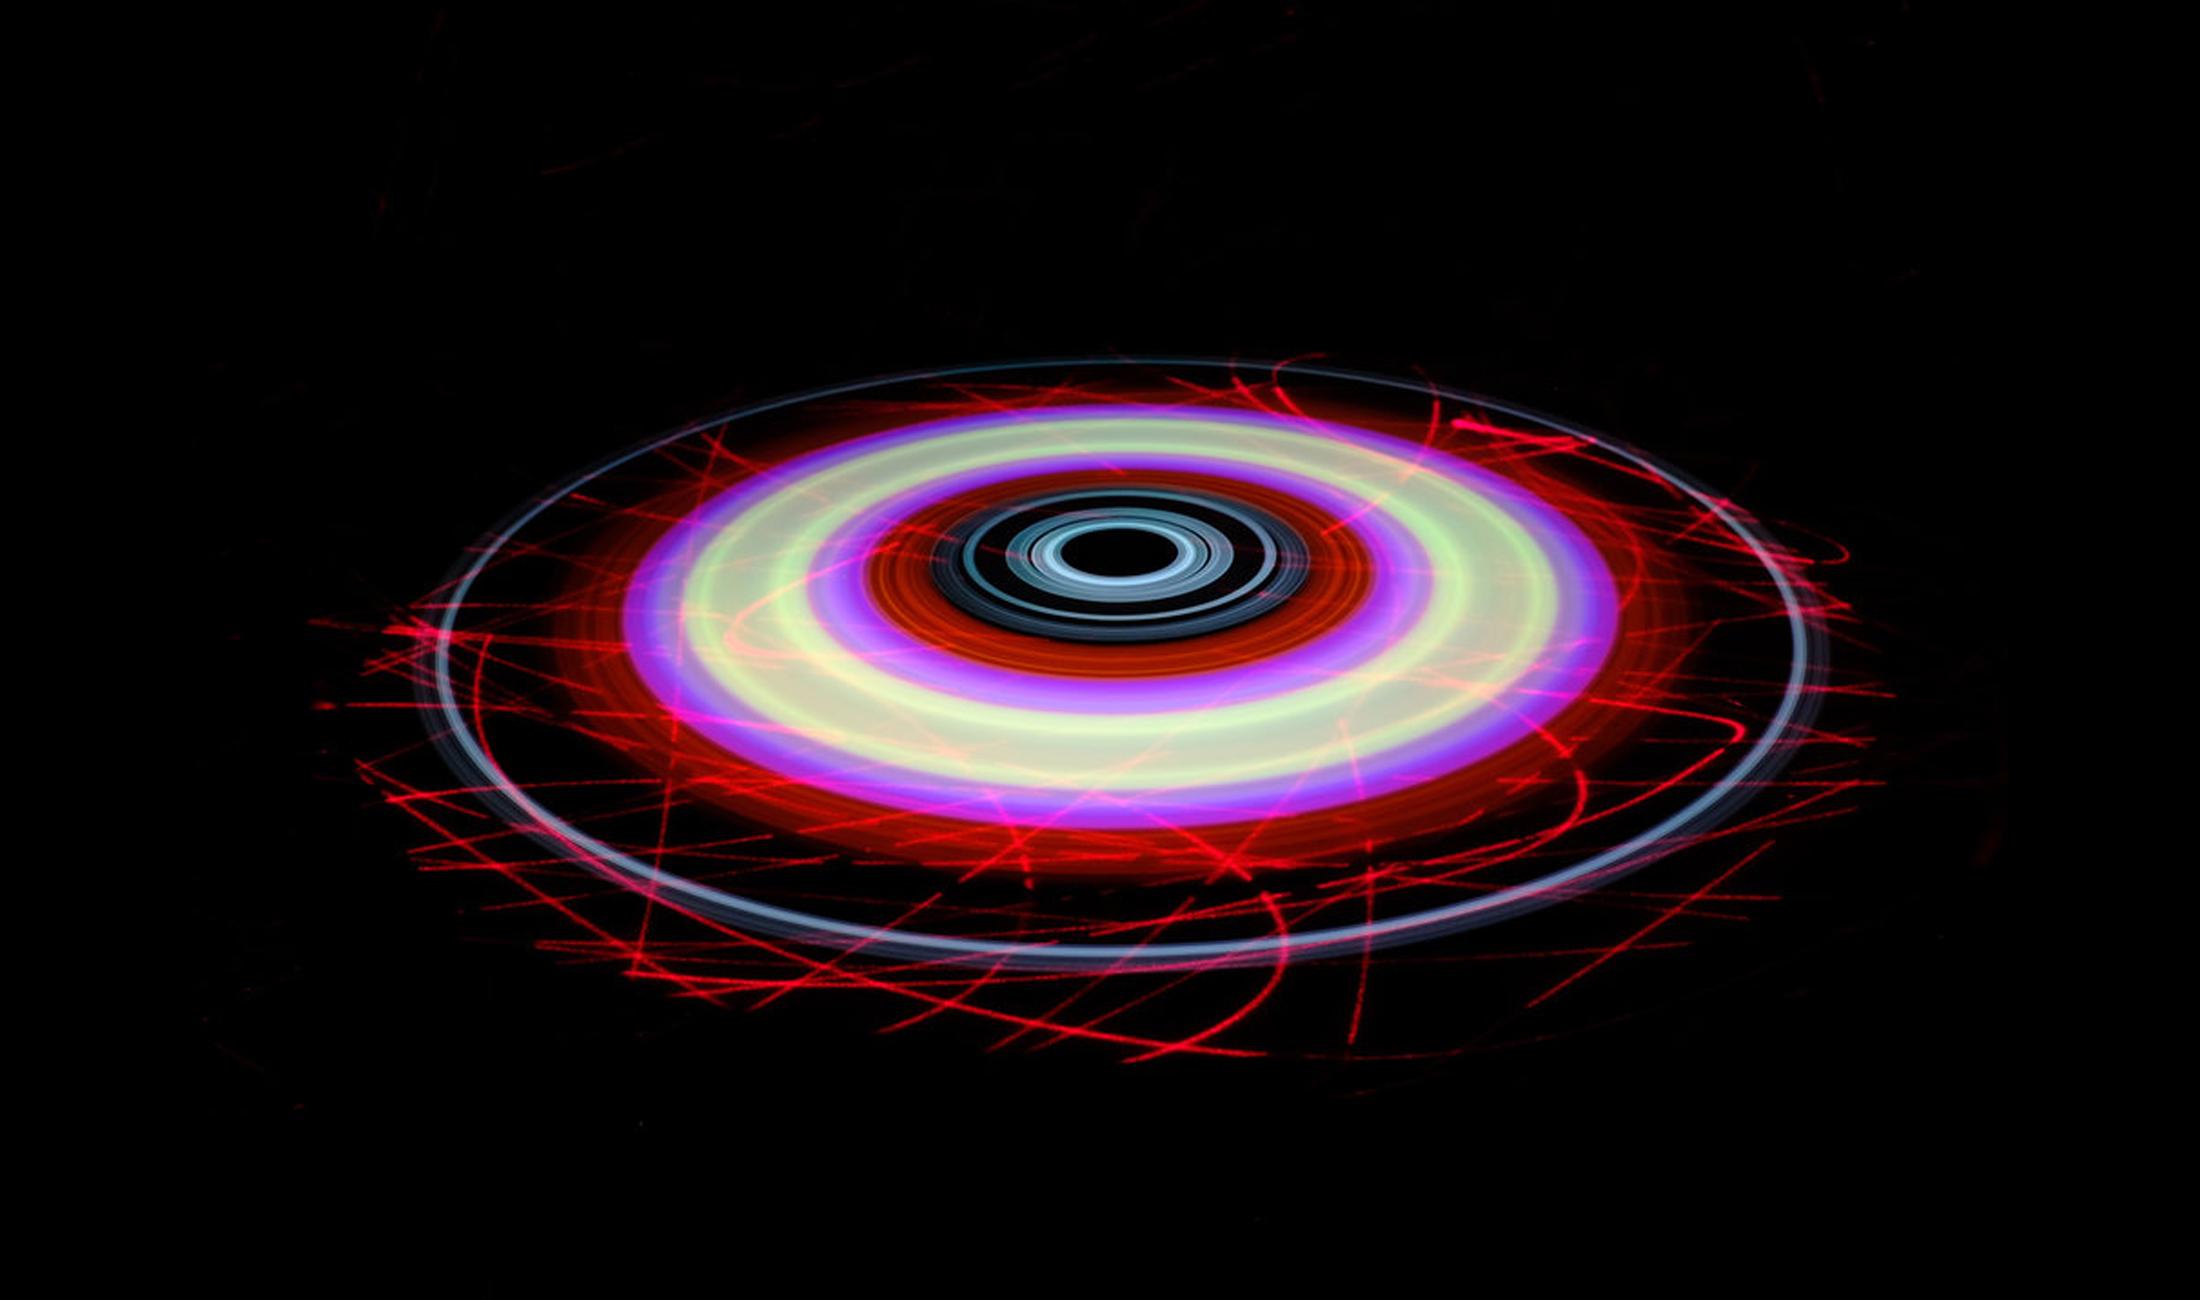 Spins – Brian Daniels macht fantastische Bilder von Vinyl